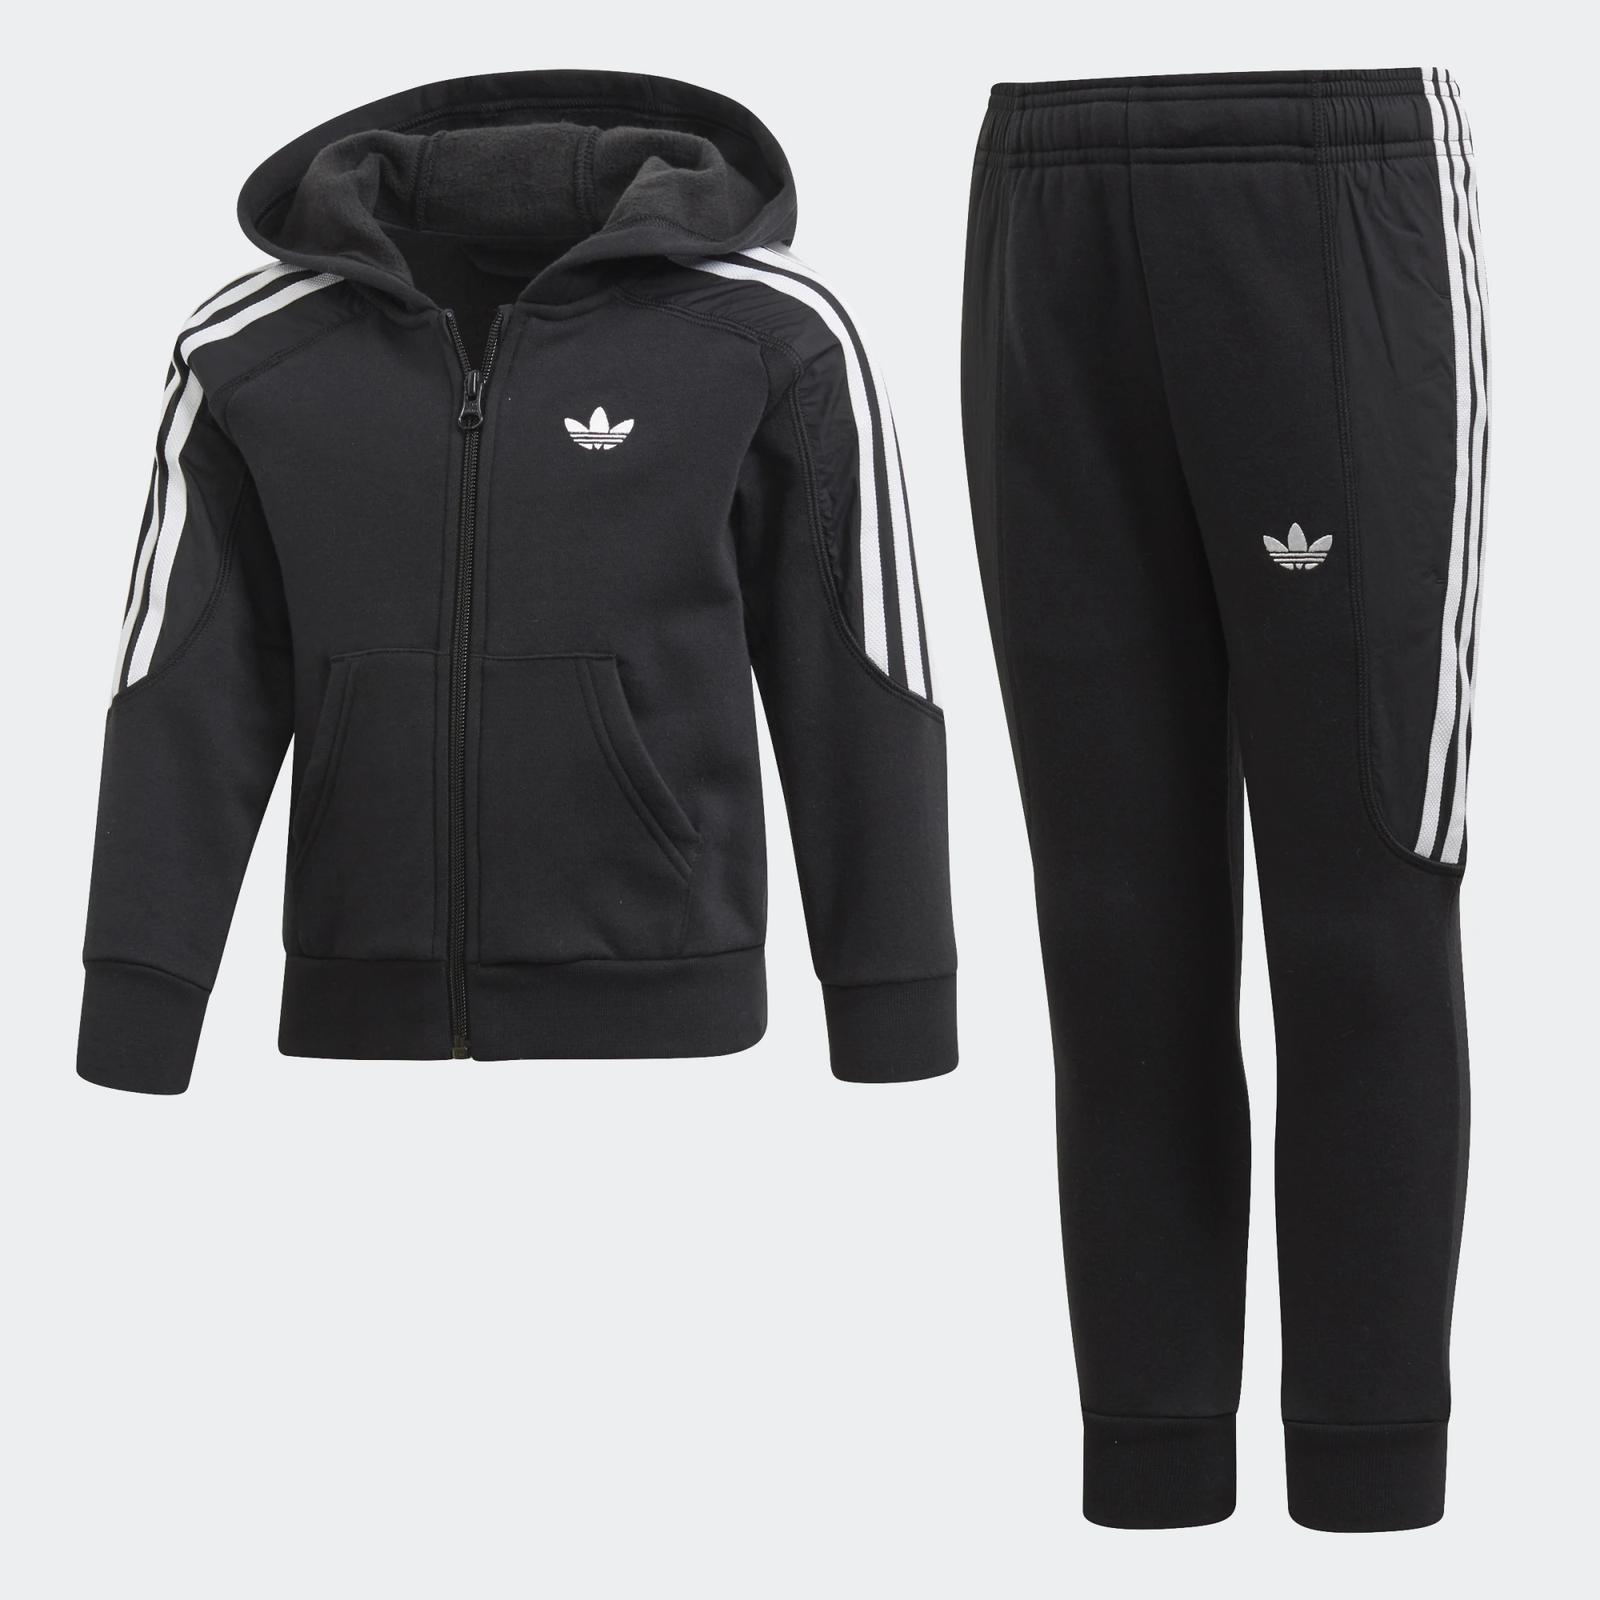 Спортивный костюм adidas спортивный костюм мужской adidas mts wv light цвет черный dv2466 размер l 52 54